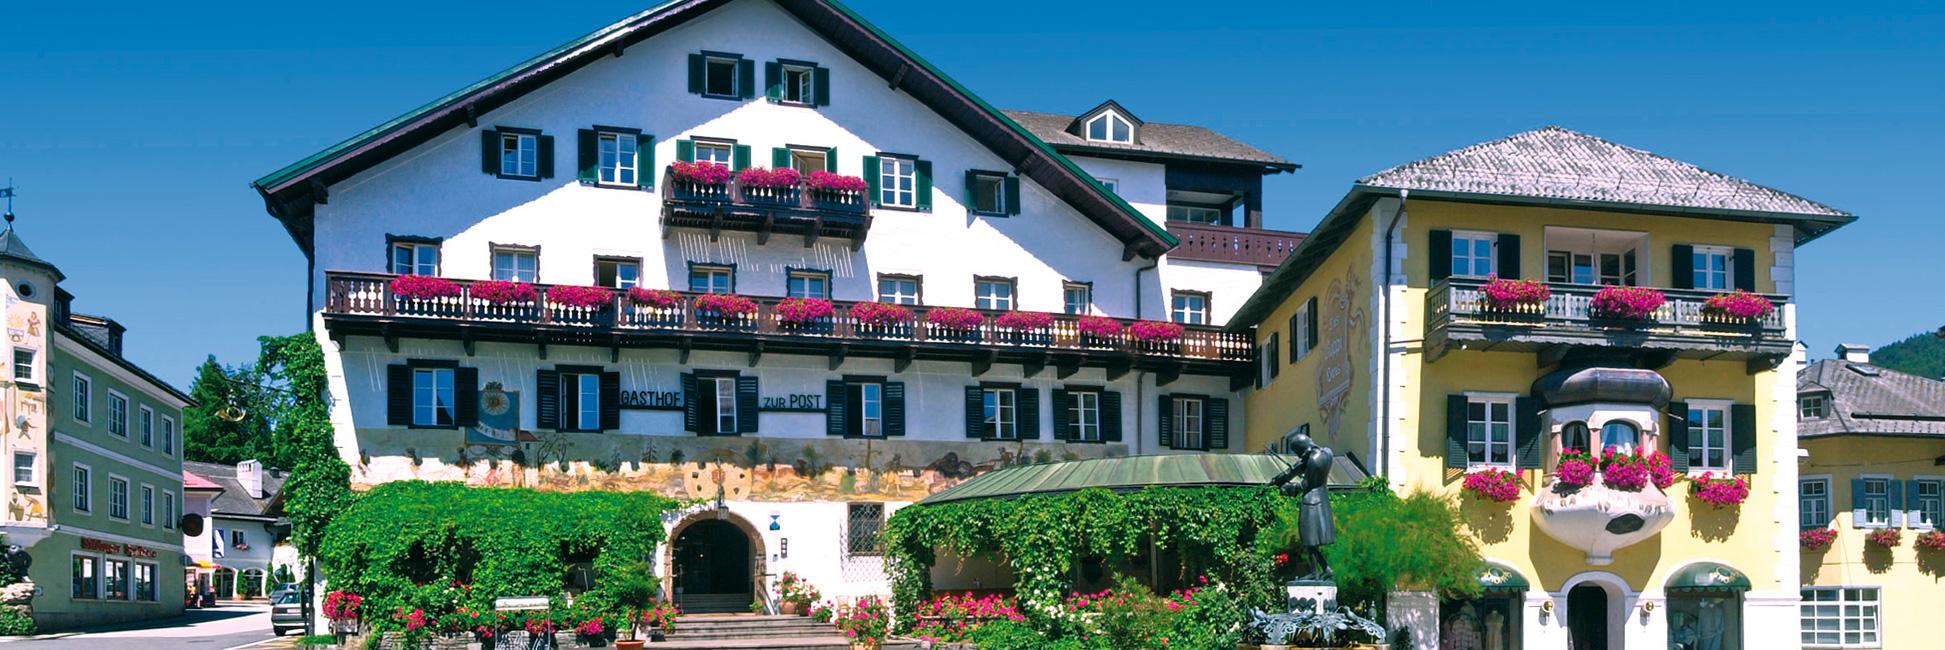 Hotel Gasthof zur Post Aussenansicht